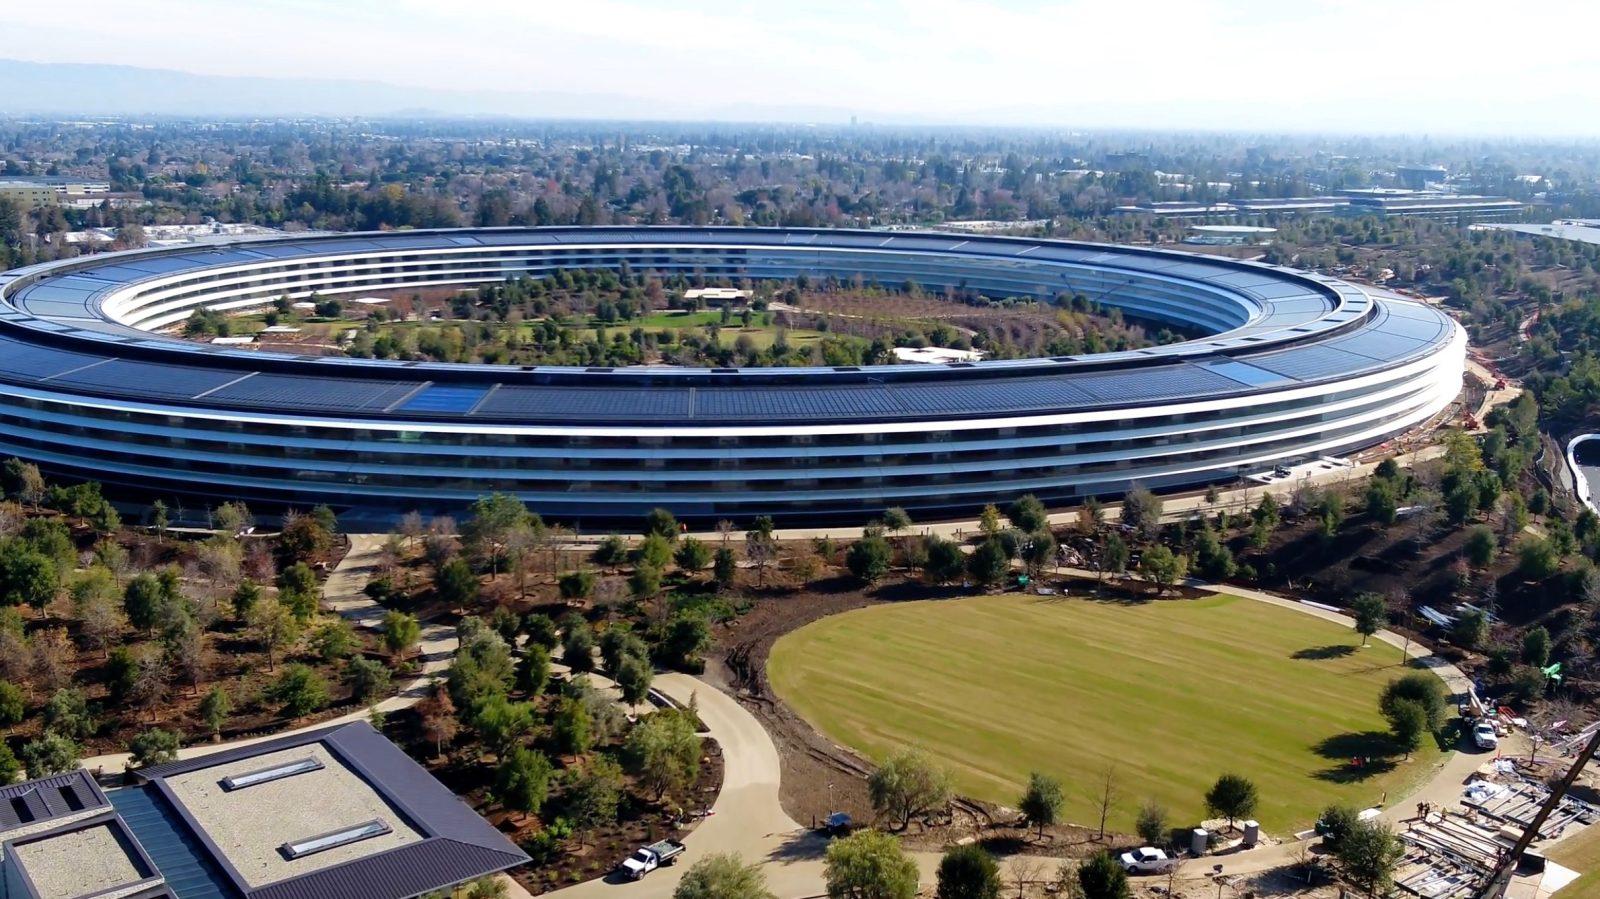 Apple Park 价值约达 41.7 亿美元,是世界上最贵建筑之一